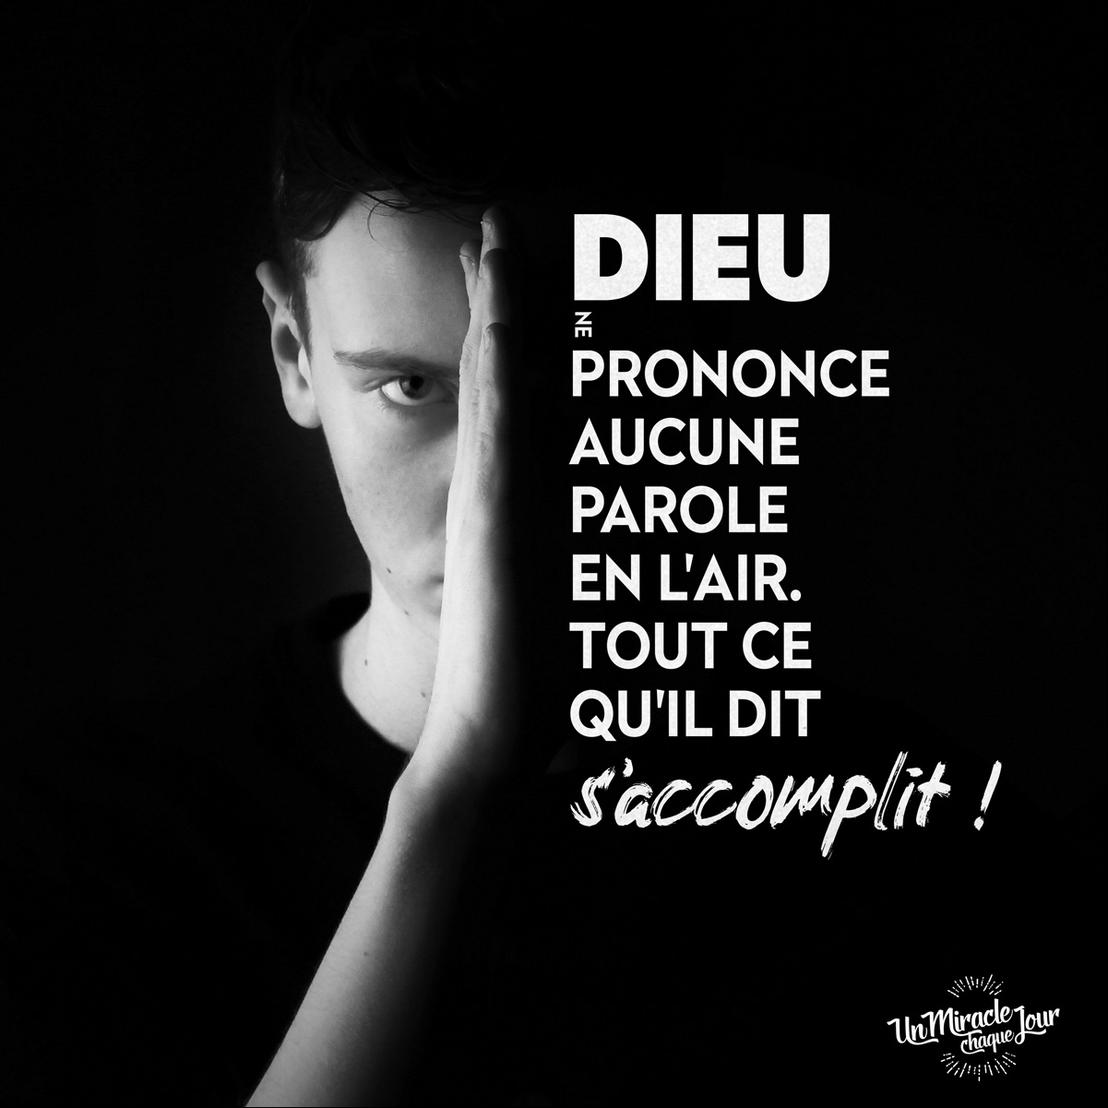 Les promesses de Dieu sont pour vous, Mon ami(e) !